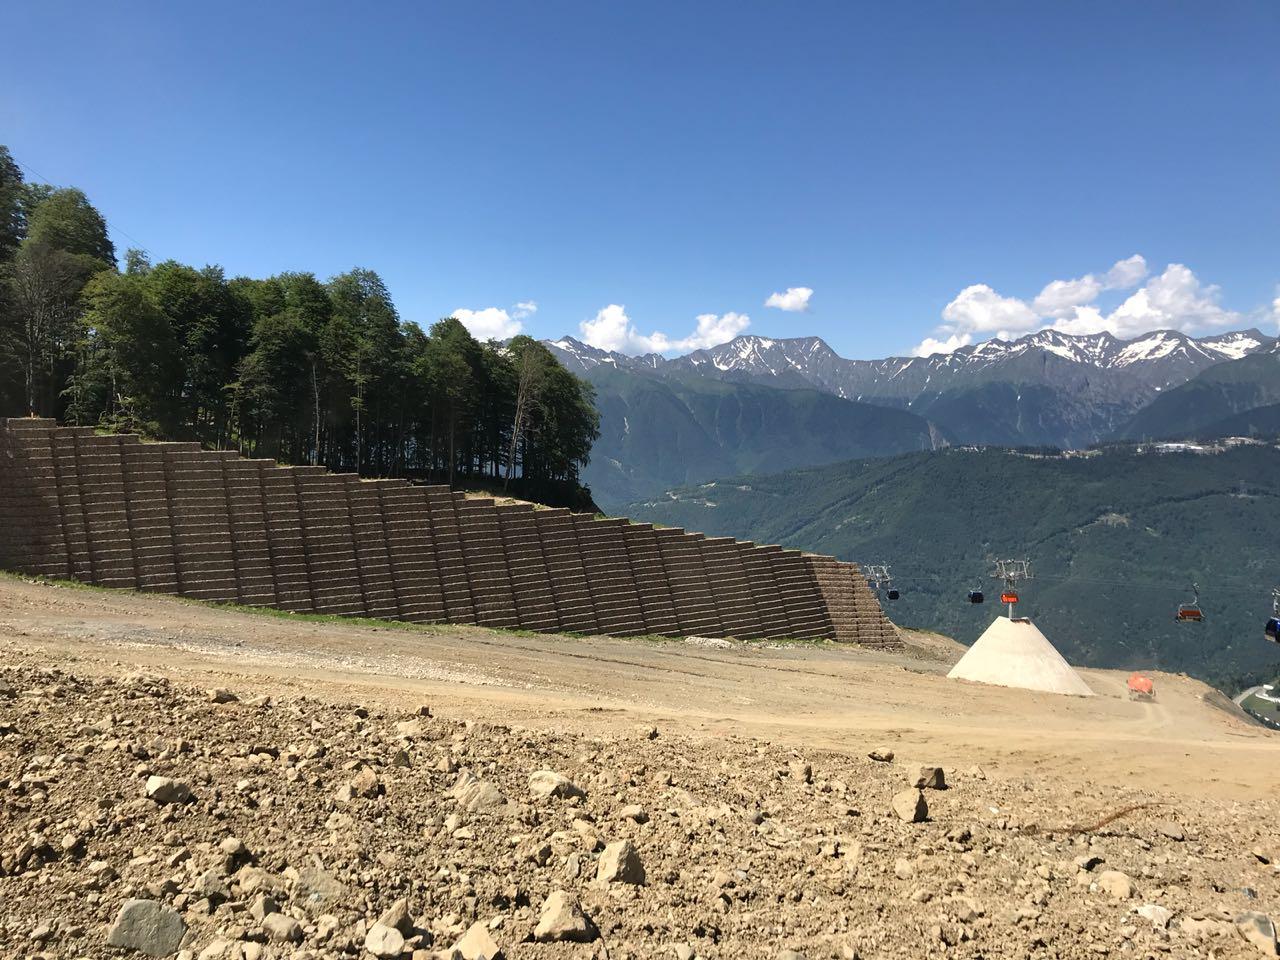 Разработана проектная документация по системе искусственного снегообразования и системе освещения новых горнолыжных склонов